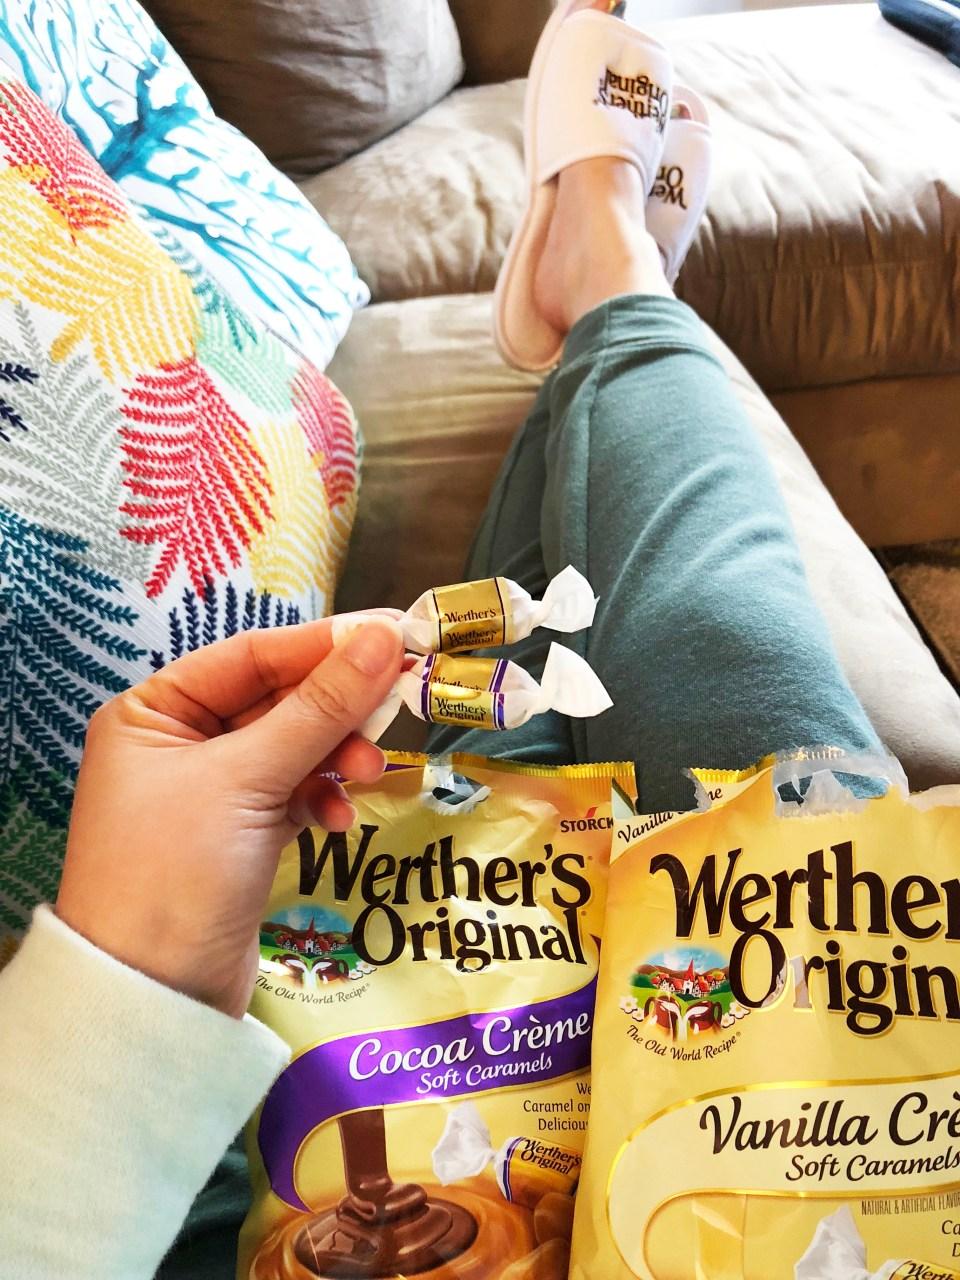 Werther's Original Cocoa & Vanilla Creme 2